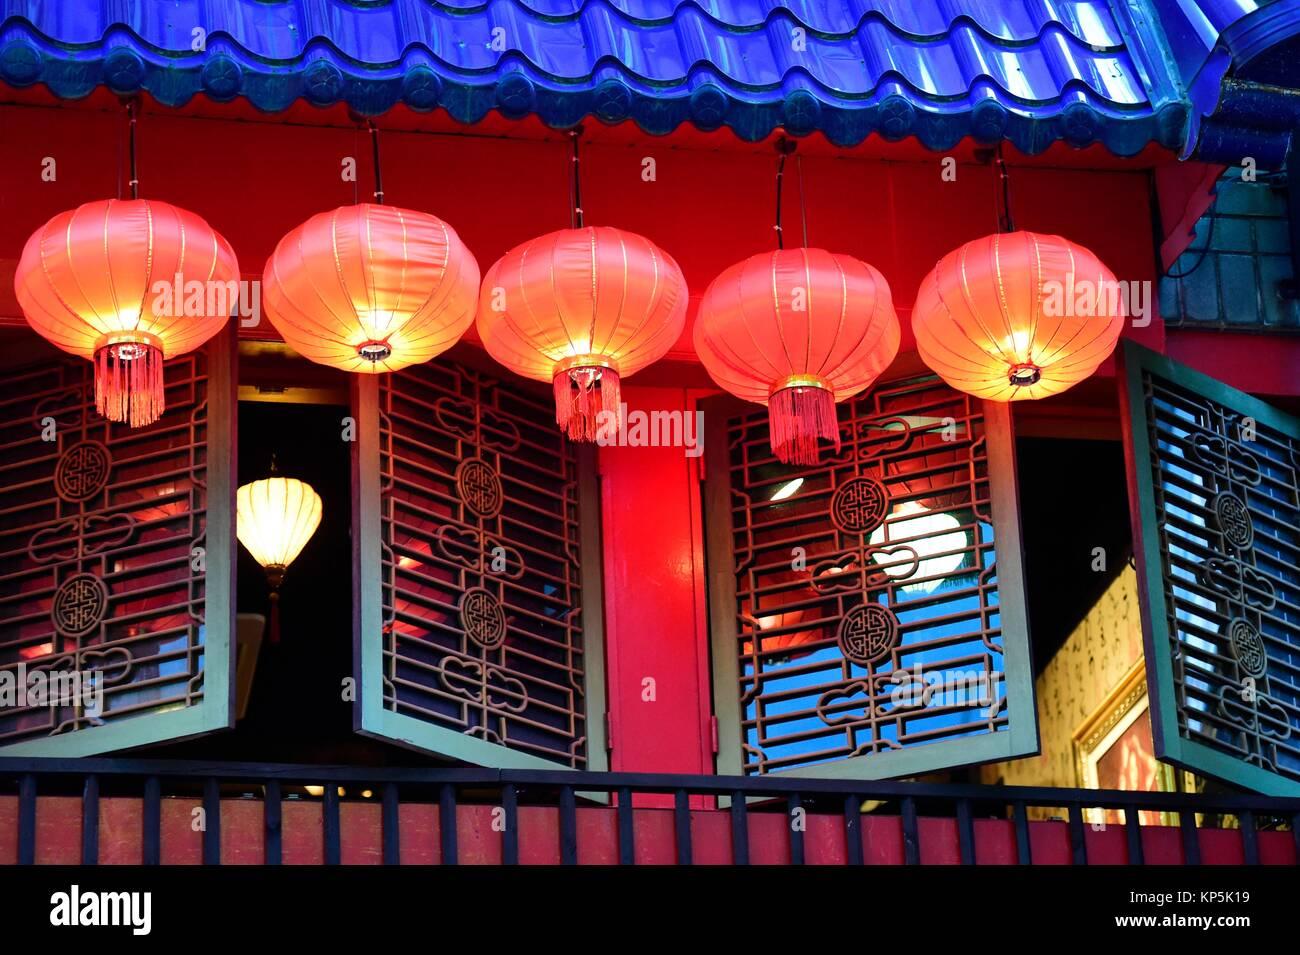 Farolillos colgando en una calle de Jeju, Isla de Jeju, Corea del Sur. Imagen De Stock